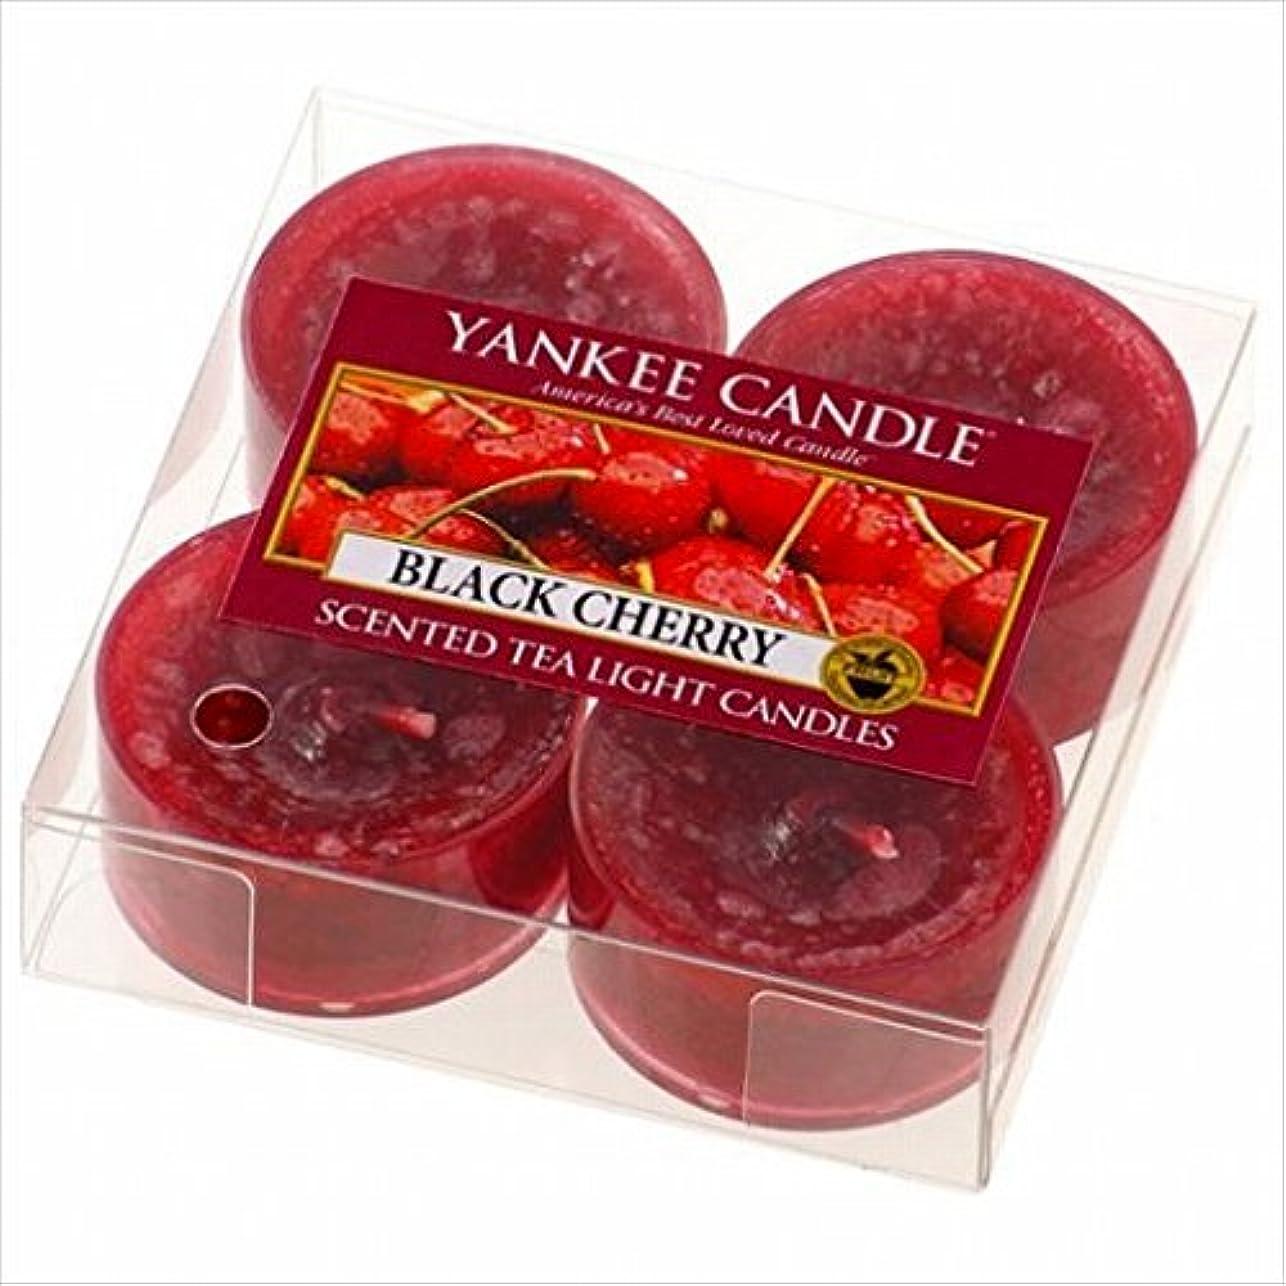 控えるぬれた候補者ヤンキーキャンドル( YANKEE CANDLE ) YANKEE CANDLE クリアカップティーライト4個入り 「 ブラックチェリー 」